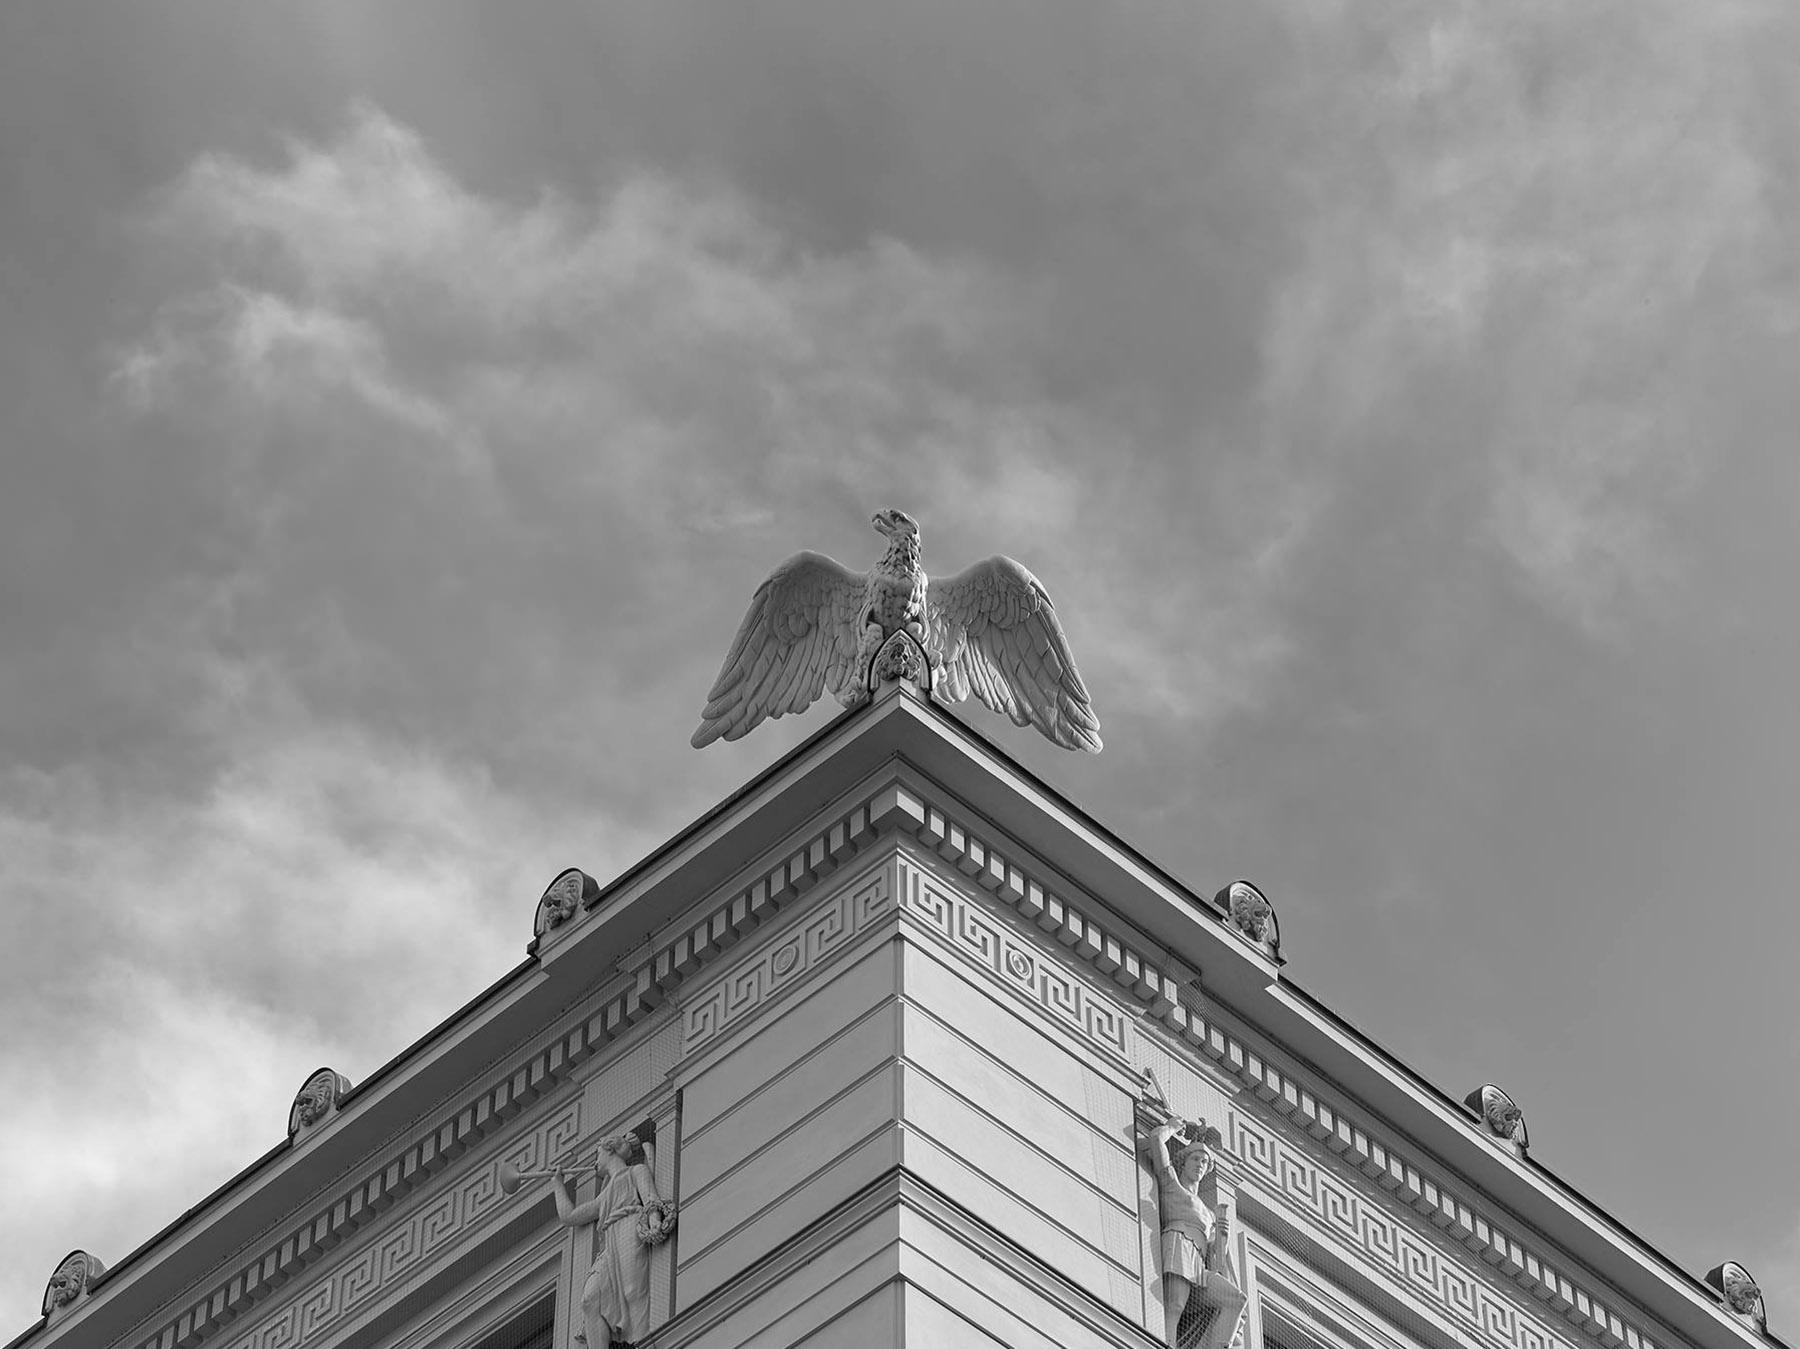 Humboldt-University 2 / Berlin